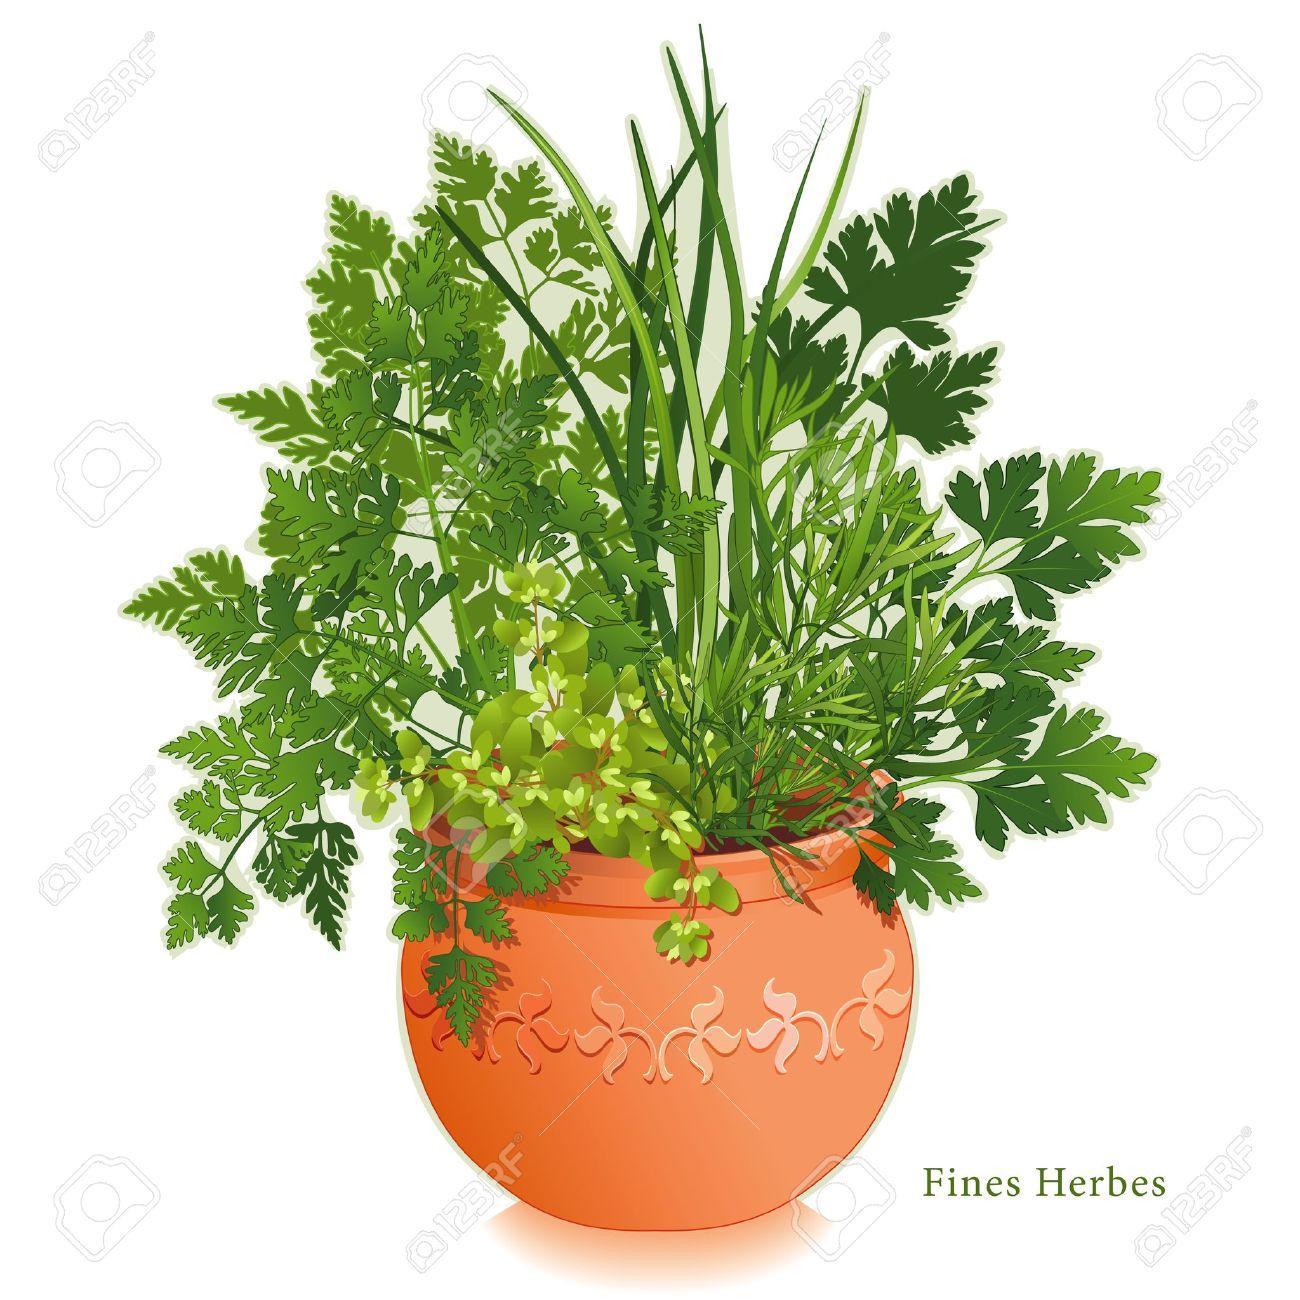 Kitchen Herb Gardens That Will Make Cooking Wonderful: Chervil Clipart